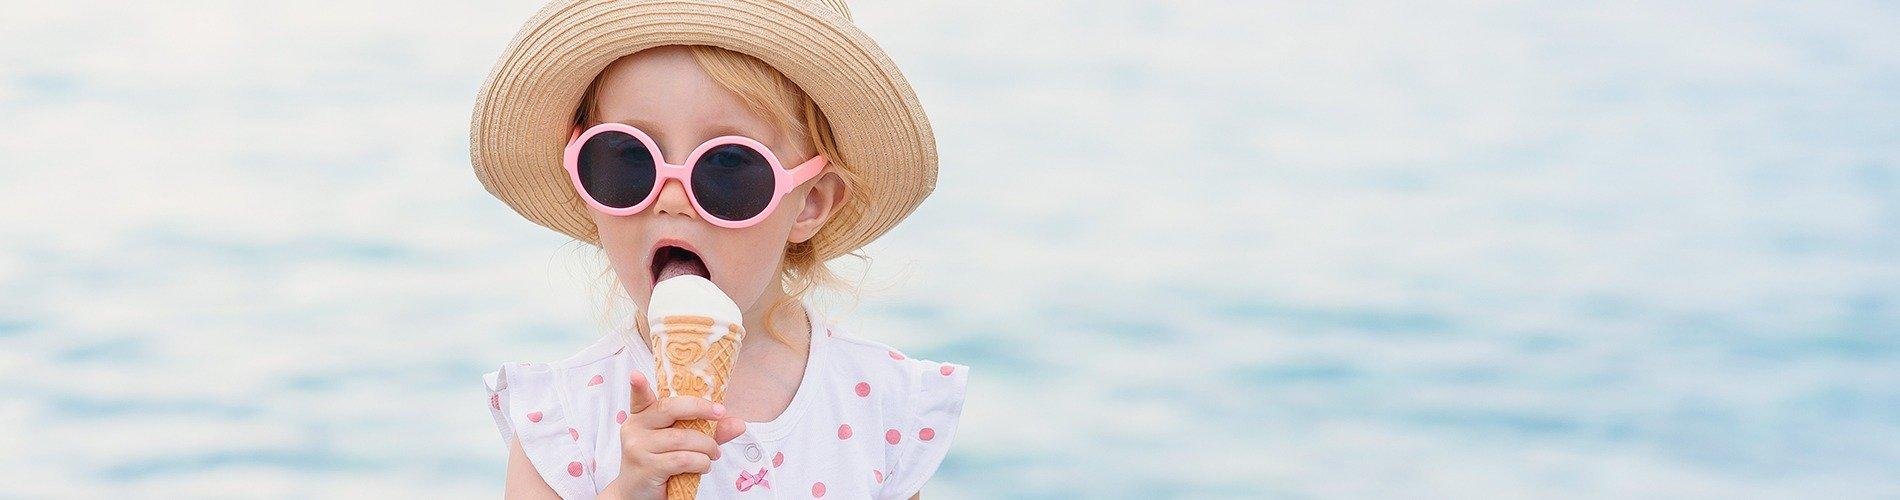 La salud dental de tus hijos en verano